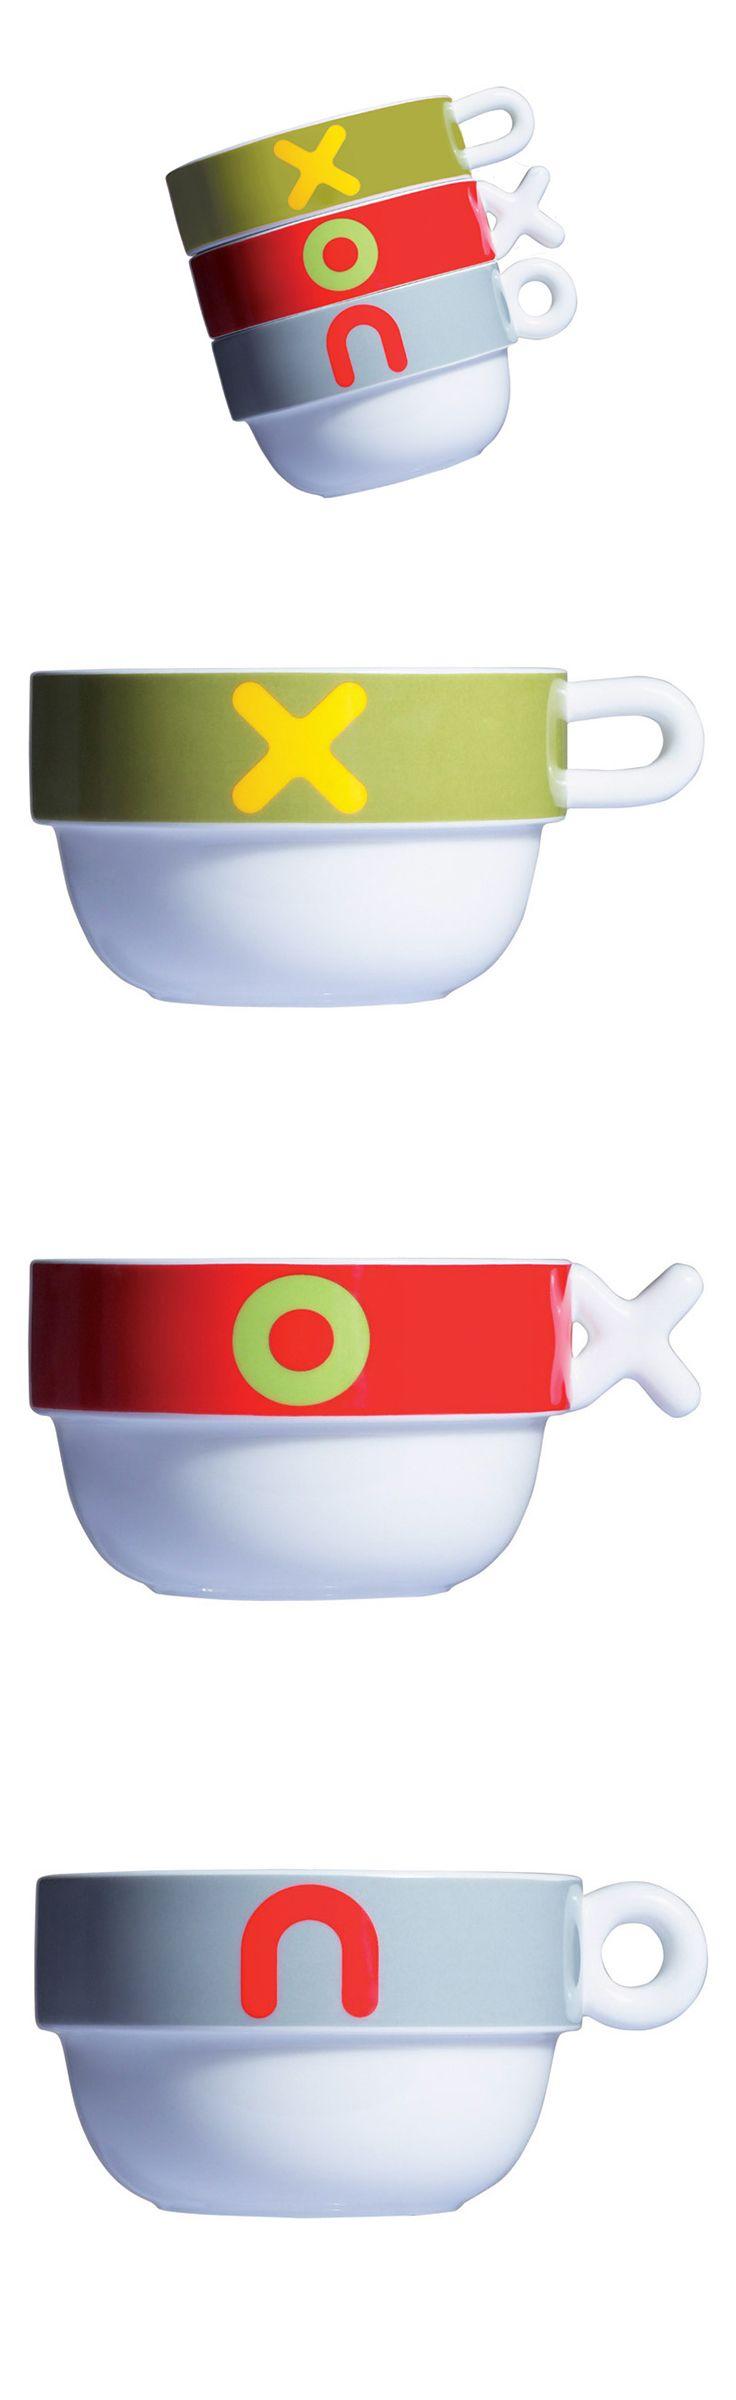 295 Kč,  VICE VERSA Mayday Jumbo Cup - porcelánový šálek.  Stohovatelný porcelánový šálek vyráběný ve třech barvách a se třemi různými oušky.